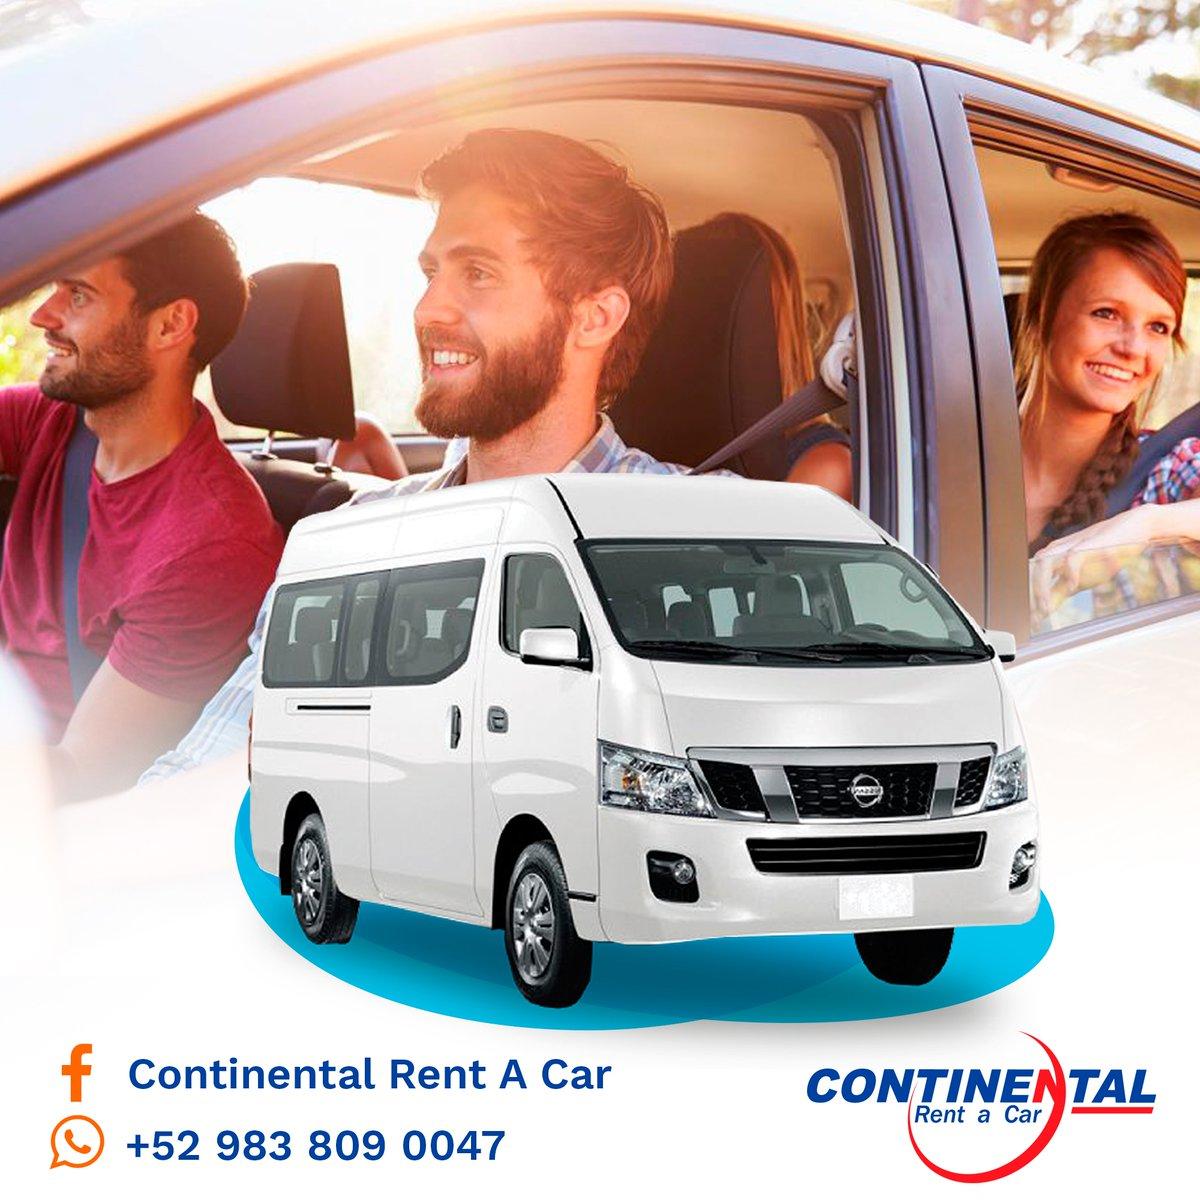 Con #ContinentalCar tus acompañantes y tú viajan con la seguridad y tranquilidad  de conducir vehículos impecables y solo los mejores modelos. #chetumal #ViajaSeguro #PlandeAmigos #rentacar #bacalar #mahahual #CostaMaya #rentadeautos Llámanos > Cotiza > Renta  📲983 809... https://t.co/ZQTDxyT1rR